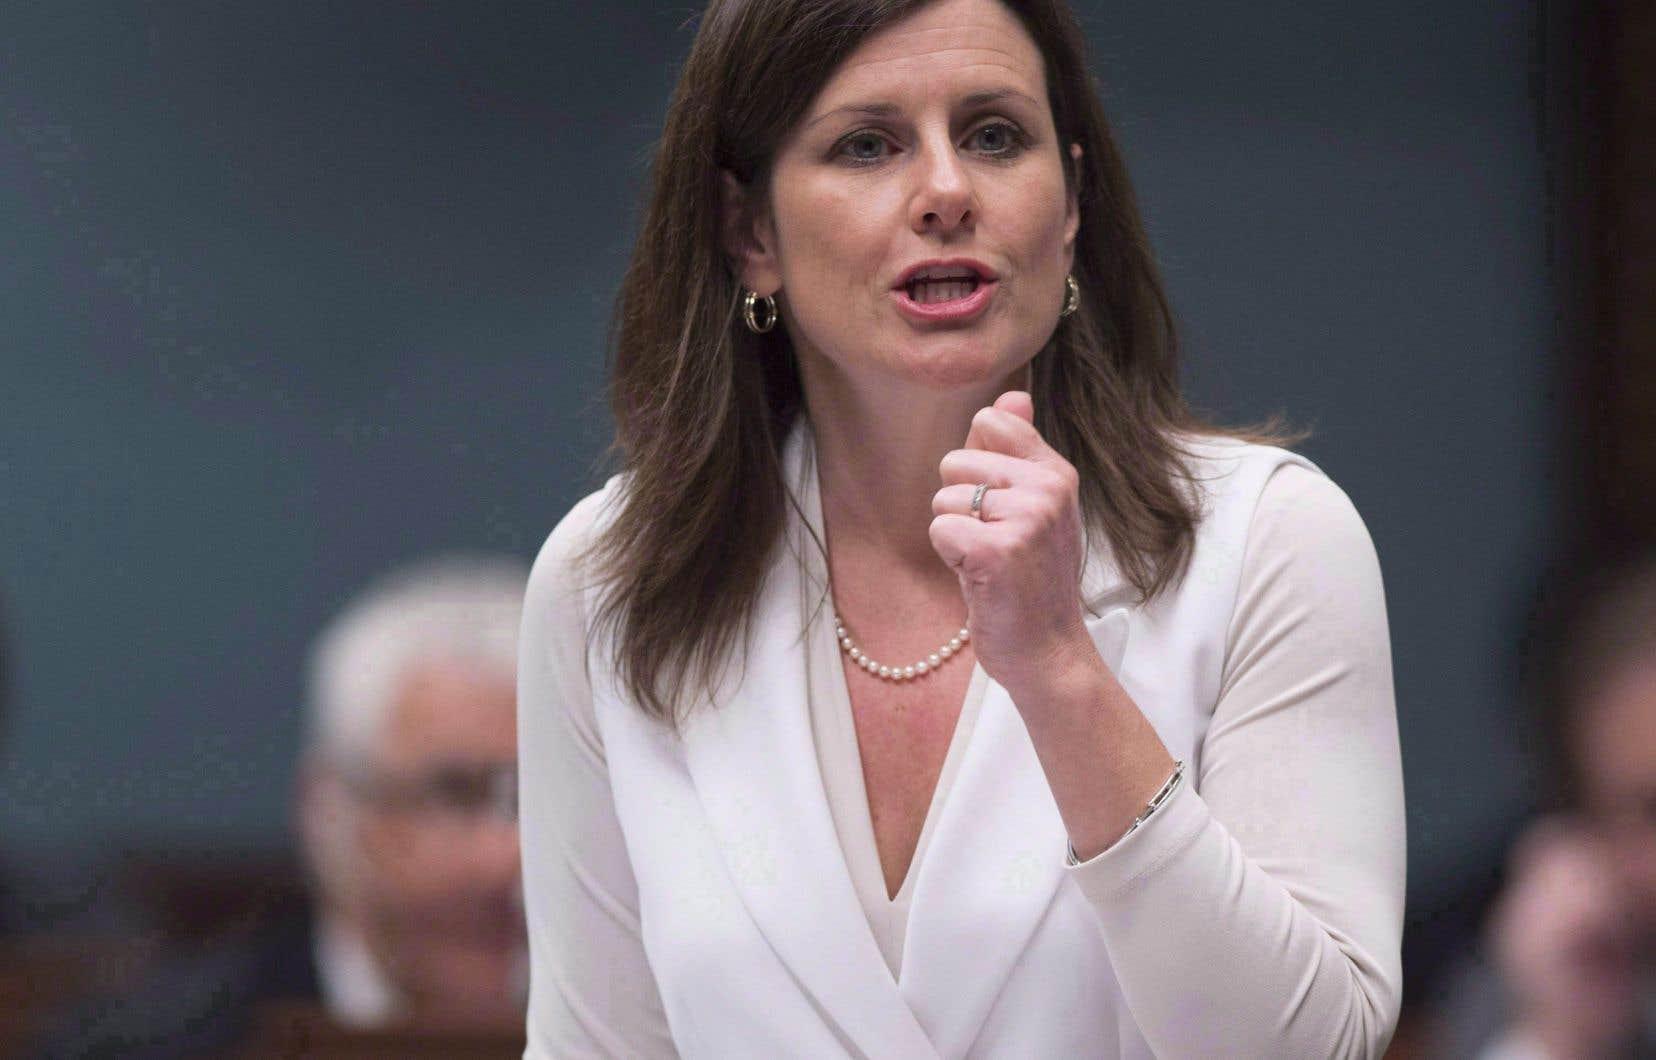 La ministre de la Justice, Stéphanie Vallée, a retenu la candidature de Pierre-David Cyr parmi celles soumises par un comité de sélection pour pourvoir un poste de juge de paix magistrat dans le district de Montréal.